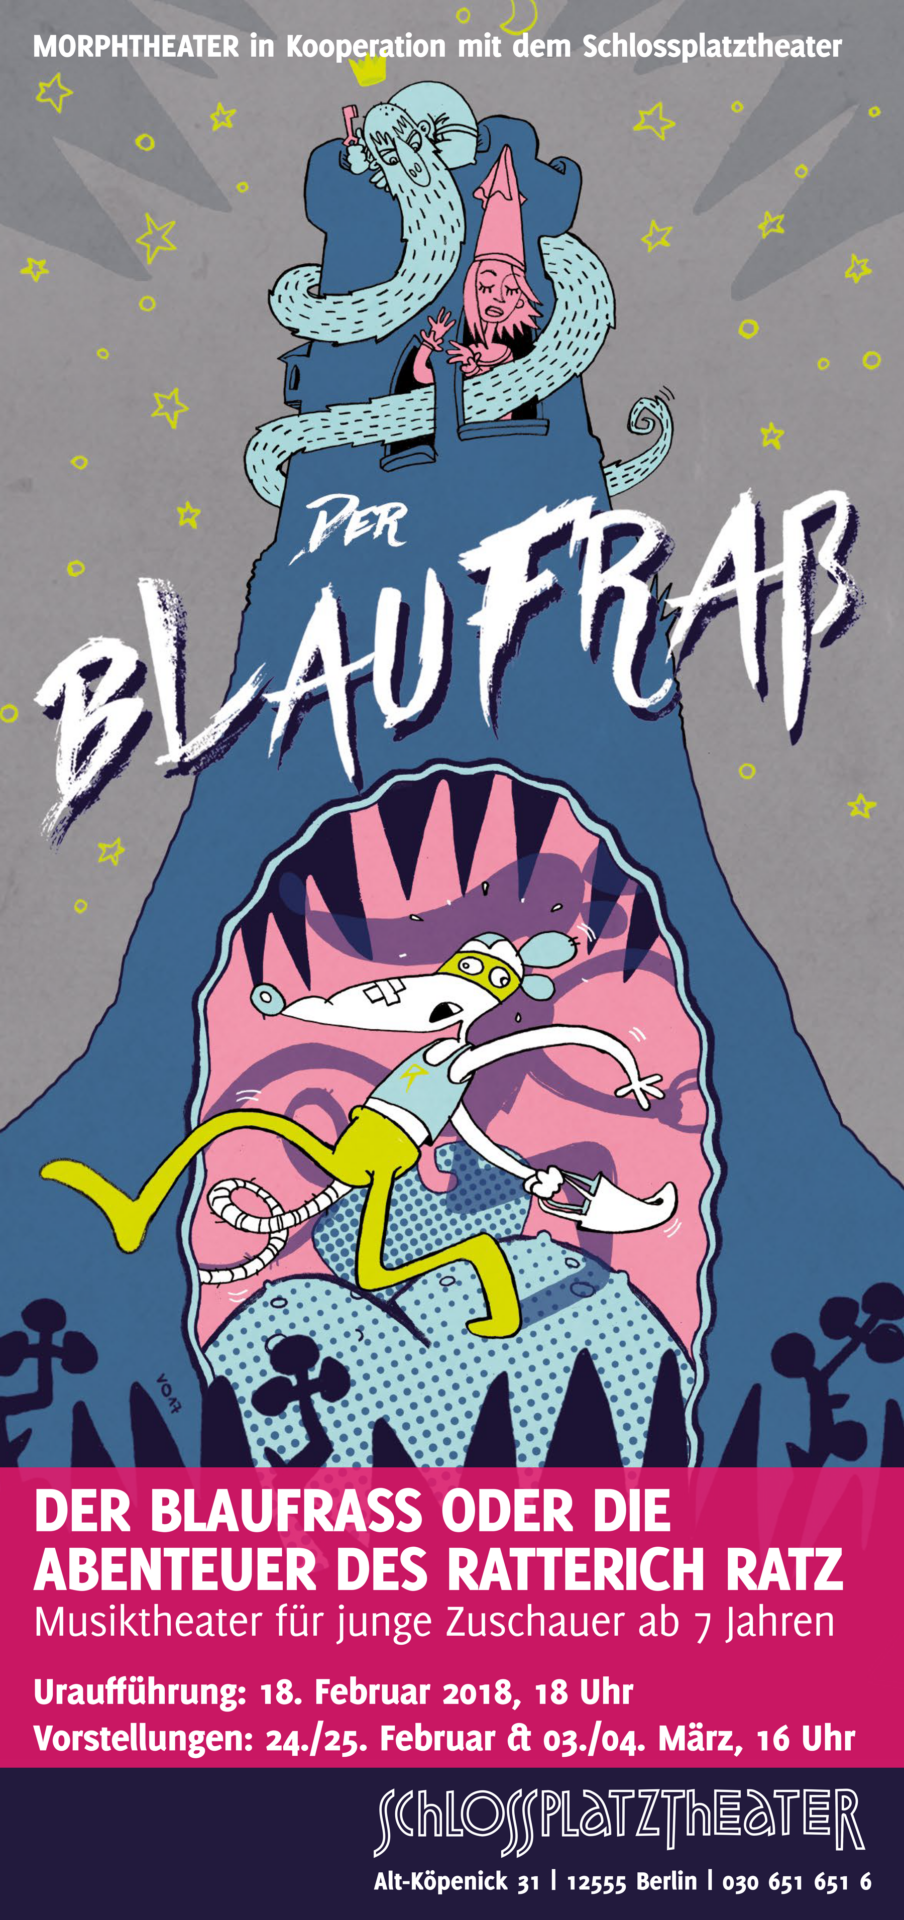 Plakatillustration Blaufraß Schlossplatztheater